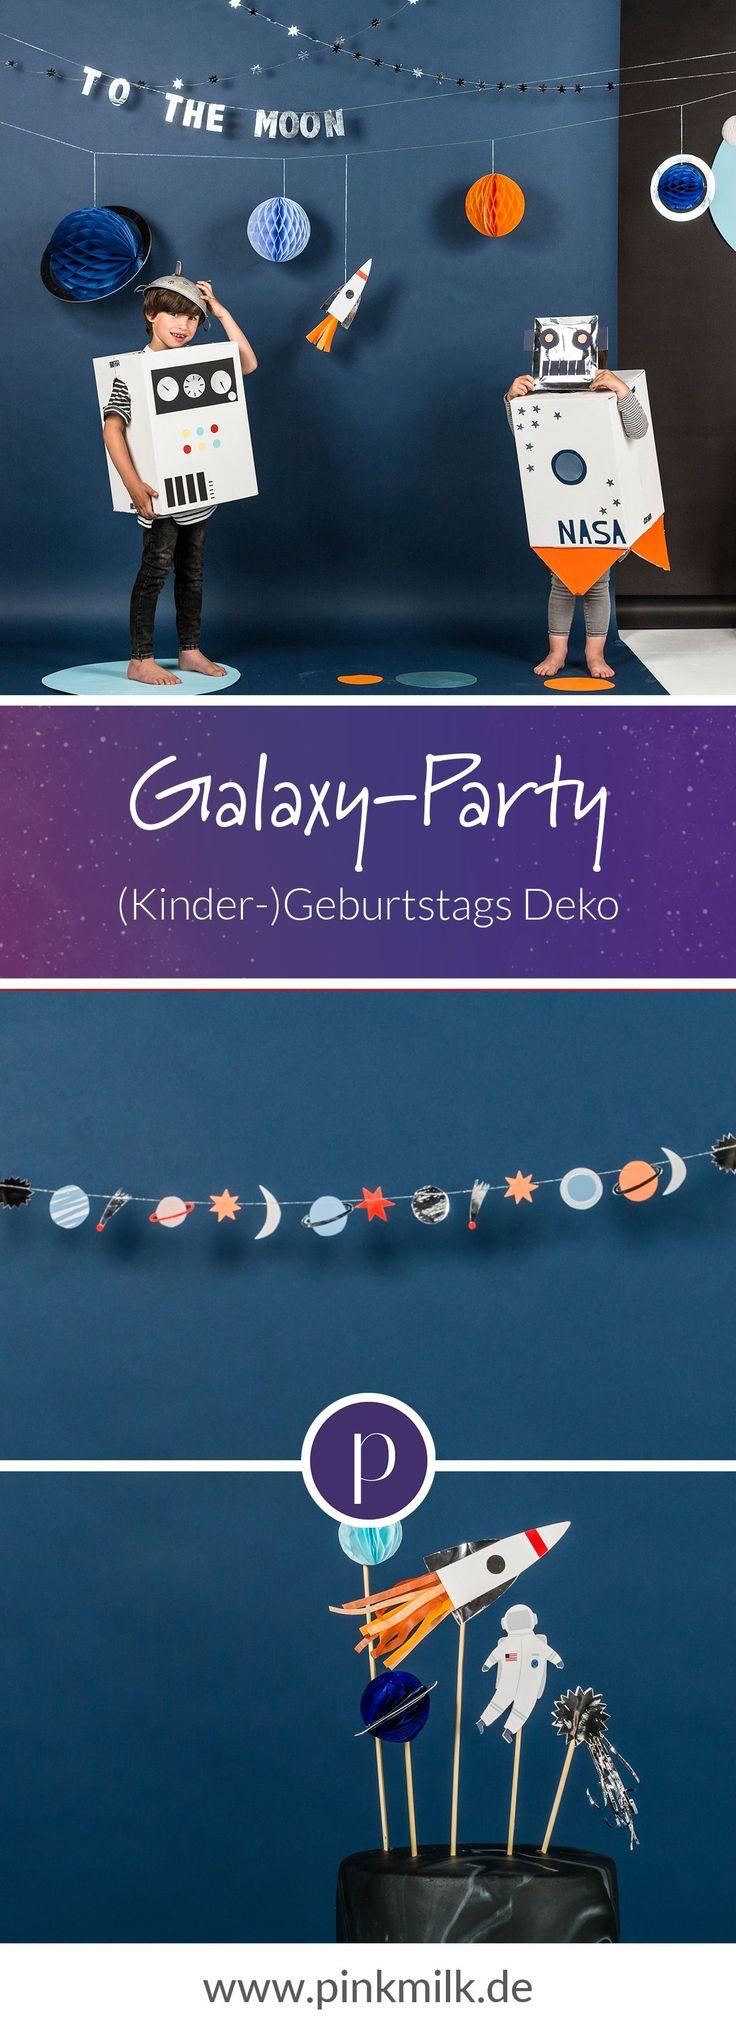 Berühmt Deko Gartenparty Grun Galerie - Heimat Ideen ...